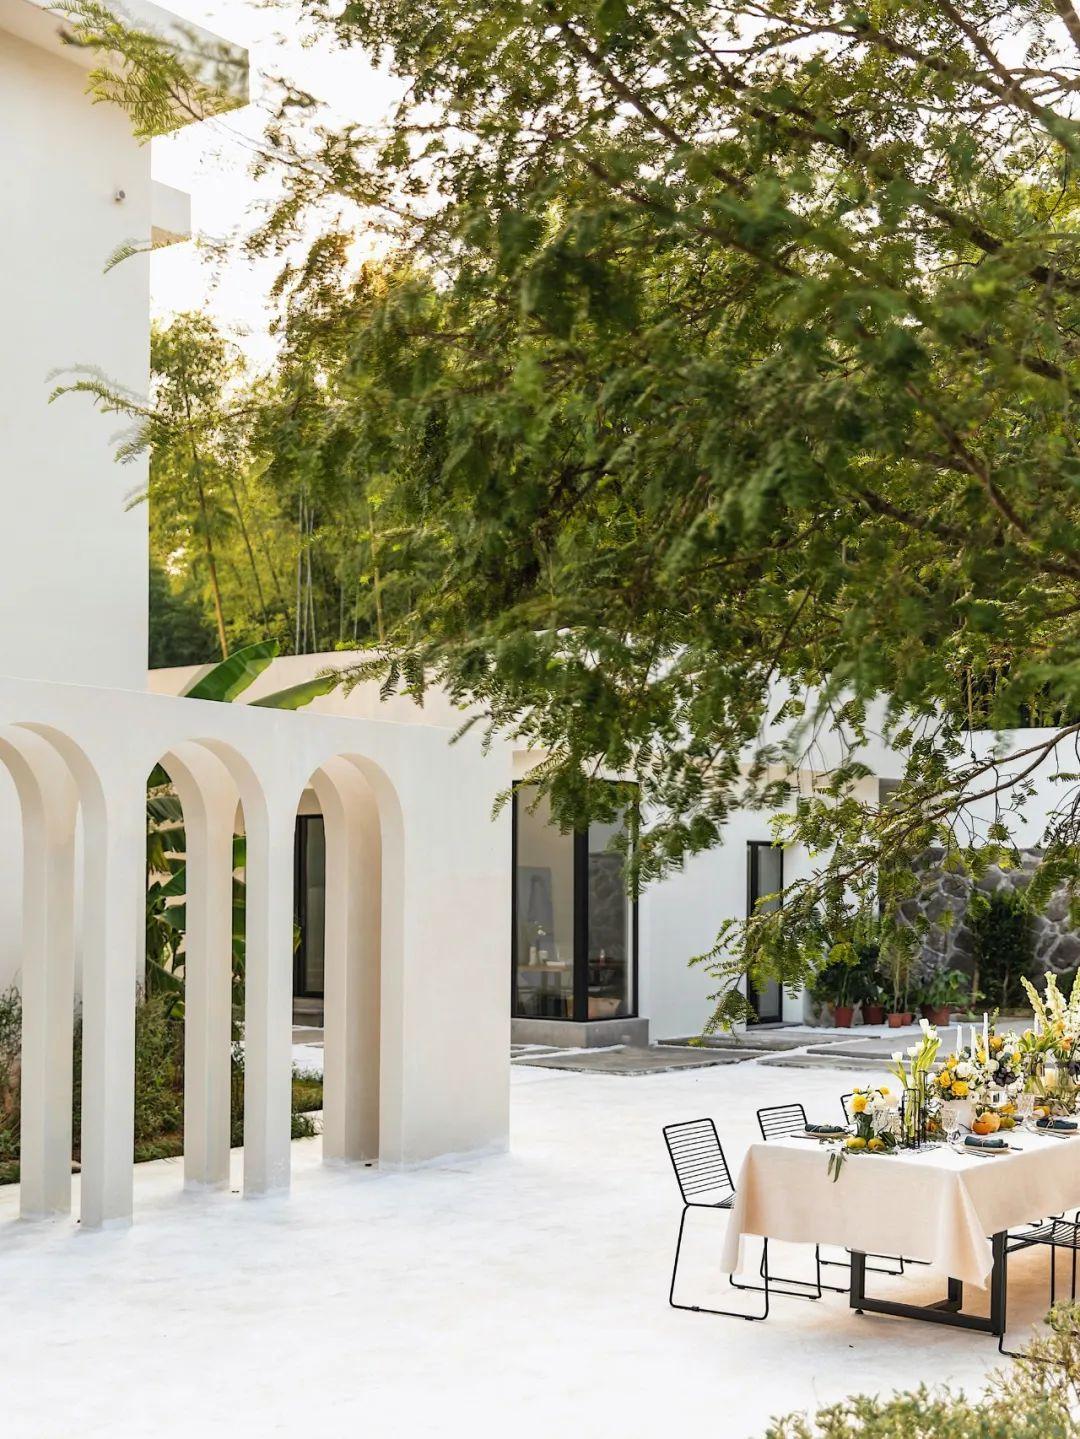 Cô gái xinh đẹp quyết nghỉ việc về quê xây lâu đài trắng, làm vườn cùng bố trên mảnh đất 3000m² - Ảnh 9.